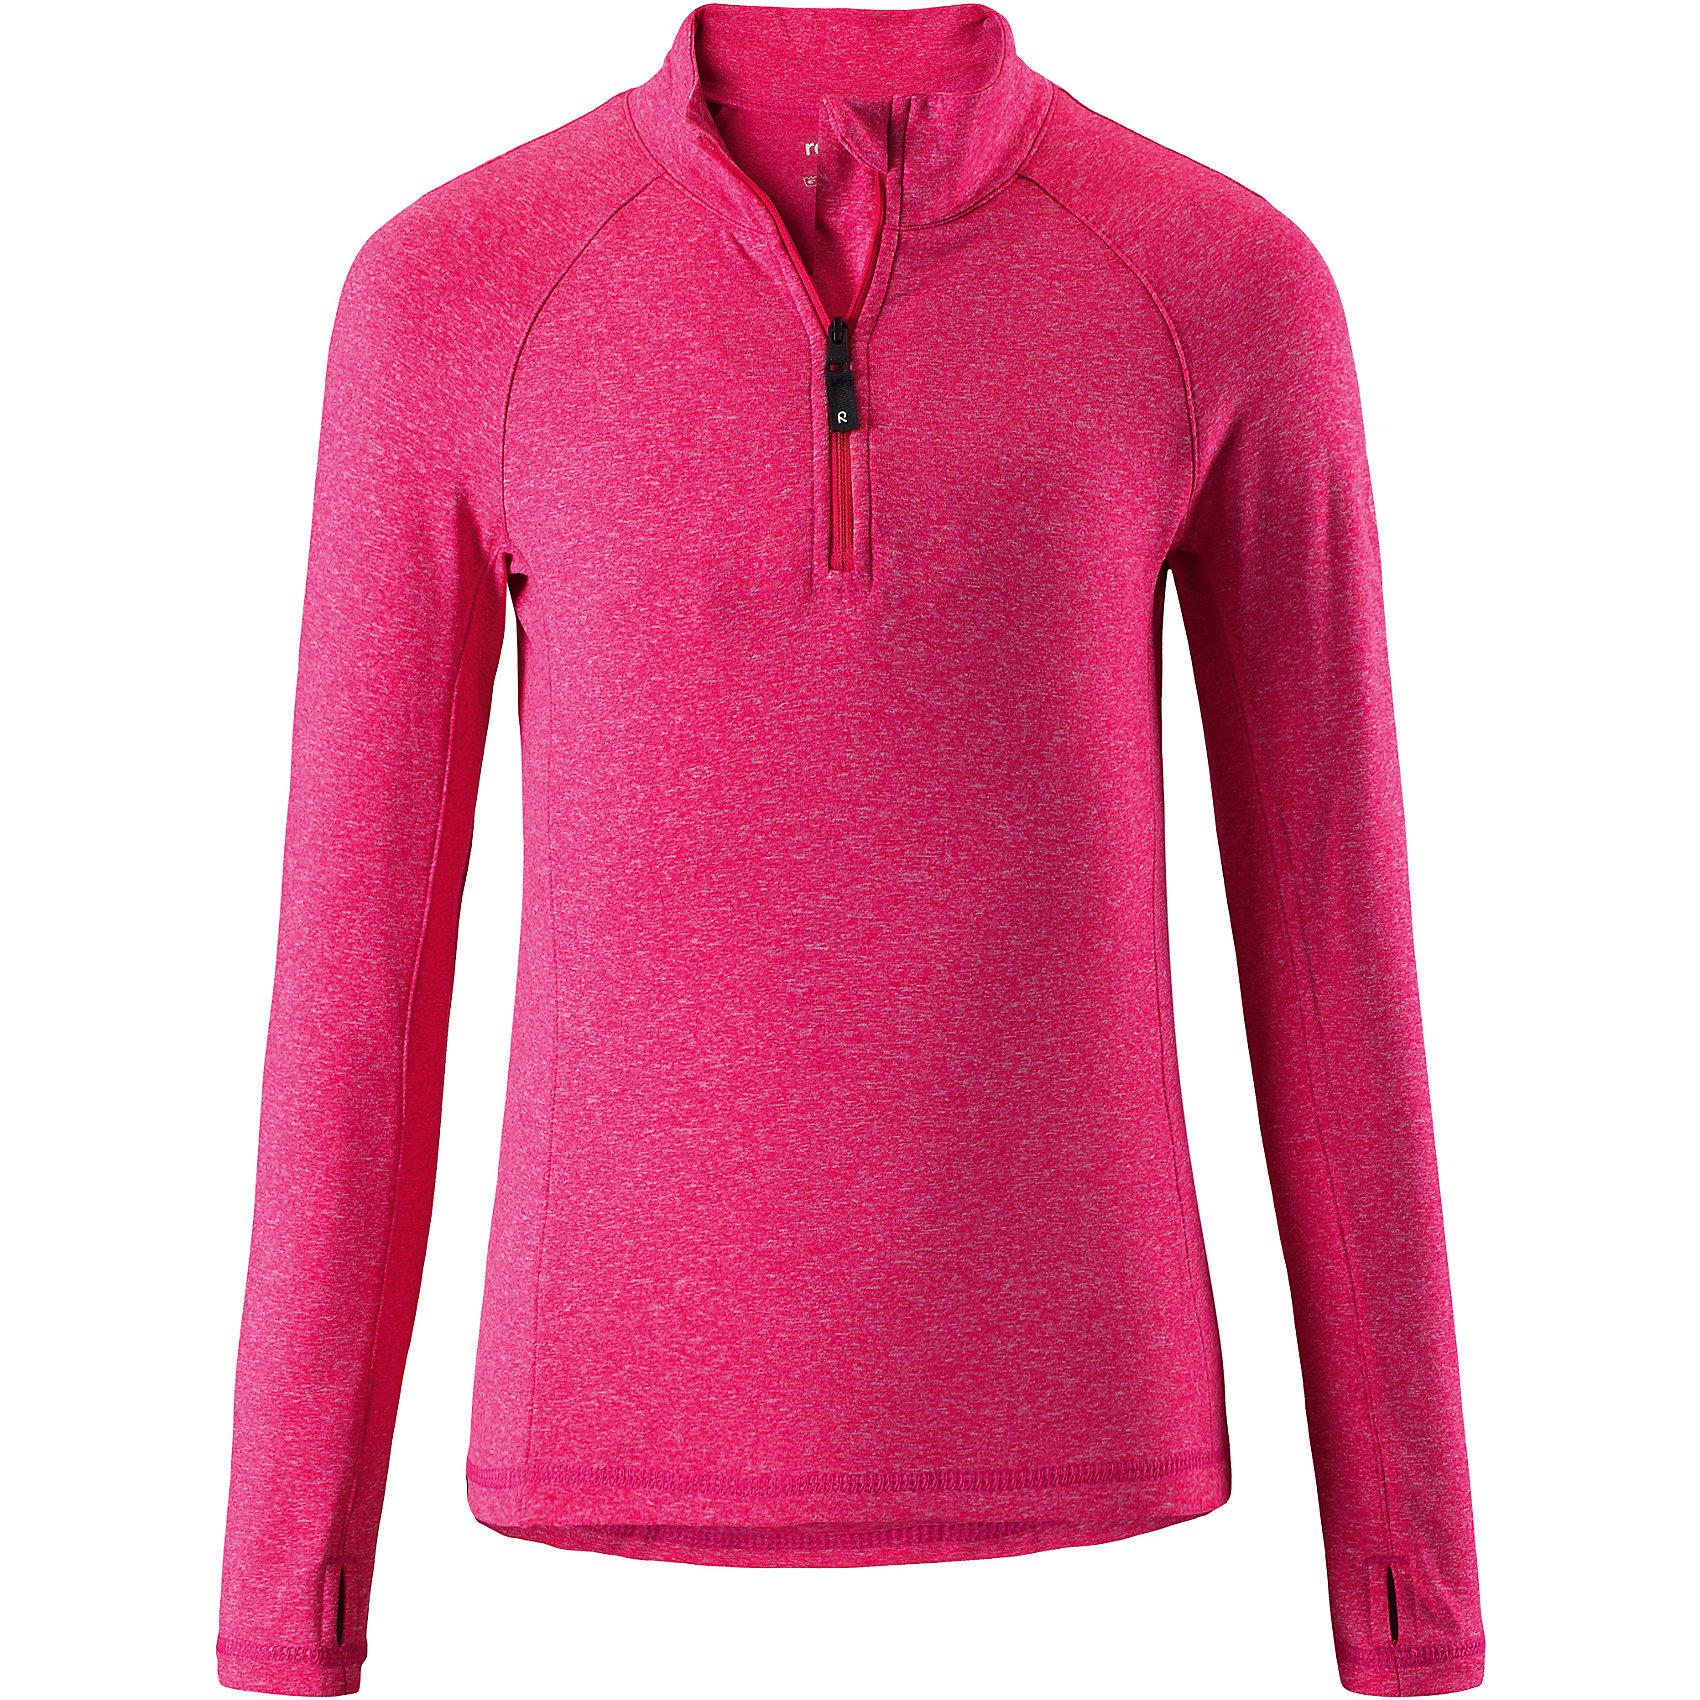 Свитер Reima Still для девочкиФлис и термобелье<br>Характеристики товара:<br><br>• цвет: розовый;<br>• состав: 92% полиэстер, 8% эластан; <br>• сезон: демисезон;<br>• мягкая ткань с начесом, приятная на ощупь;<br>• гладкая передняя часть;<br>• выводит влагу в верхние слои одежды;<br>• отверстие для большого пальца на манжете;<br>• молния спереди;<br>• страна бренда: Финляндия;<br>• страна изготовитель: Китай;<br><br>Популярная кофта для подростков изготовлена из мягкого эластичного меланжевого джерси с гладкой поверхностью. Изнаночная сторона с начесом очень удобная и приятная на ощупь, а удлиненная спинка обеспечивает пояснице дополнительную защиту. Этот дышащий материал отводит влагу от кожи и быстро сохнет, благодаря чему кофта стенет отличным выбором для активных прогулок. Материал имеет УФ-защиту 50+. Эта кофта для девочек снабжена молнией спереди и удобным отверстием для большого пальца на концах рукавов.<br><br>Свитер Still для девочки Reima (Рейма) можно купить в нашем интернет-магазине.<br><br>Ширина мм: 190<br>Глубина мм: 74<br>Высота мм: 229<br>Вес г: 236<br>Цвет: розовый<br>Возраст от месяцев: 156<br>Возраст до месяцев: 168<br>Пол: Женский<br>Возраст: Детский<br>Размер: 164,104,110,116,122,128,134,140,146,152,158<br>SKU: 6906353